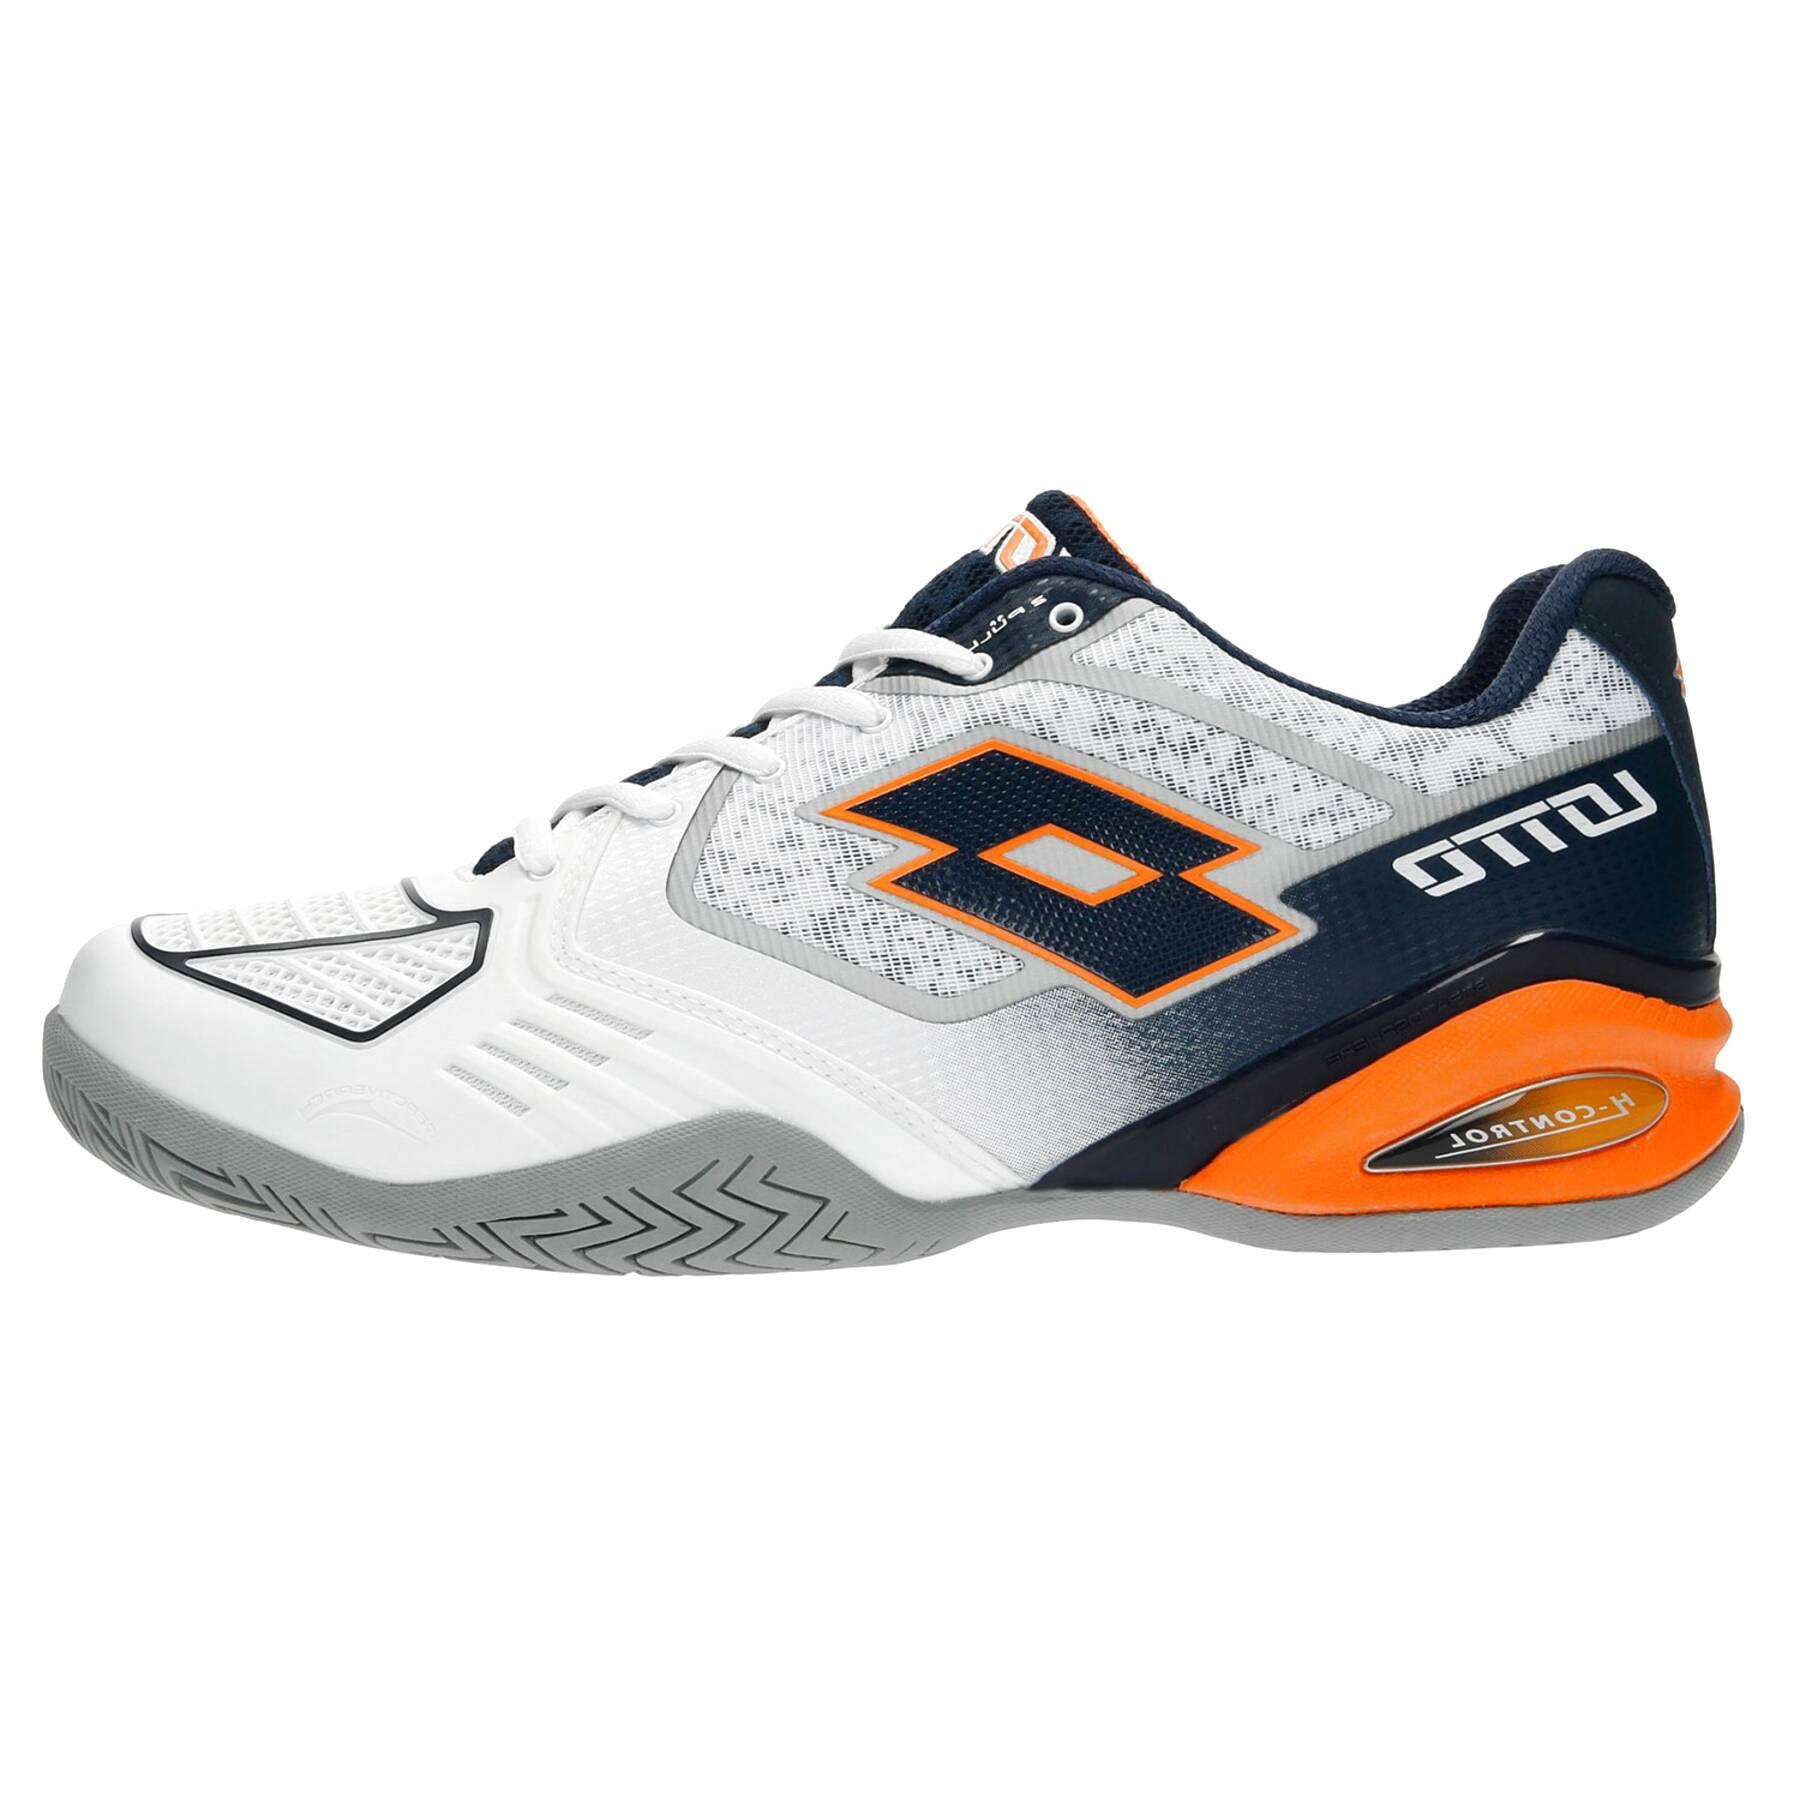 scarpe tennis lotto usato